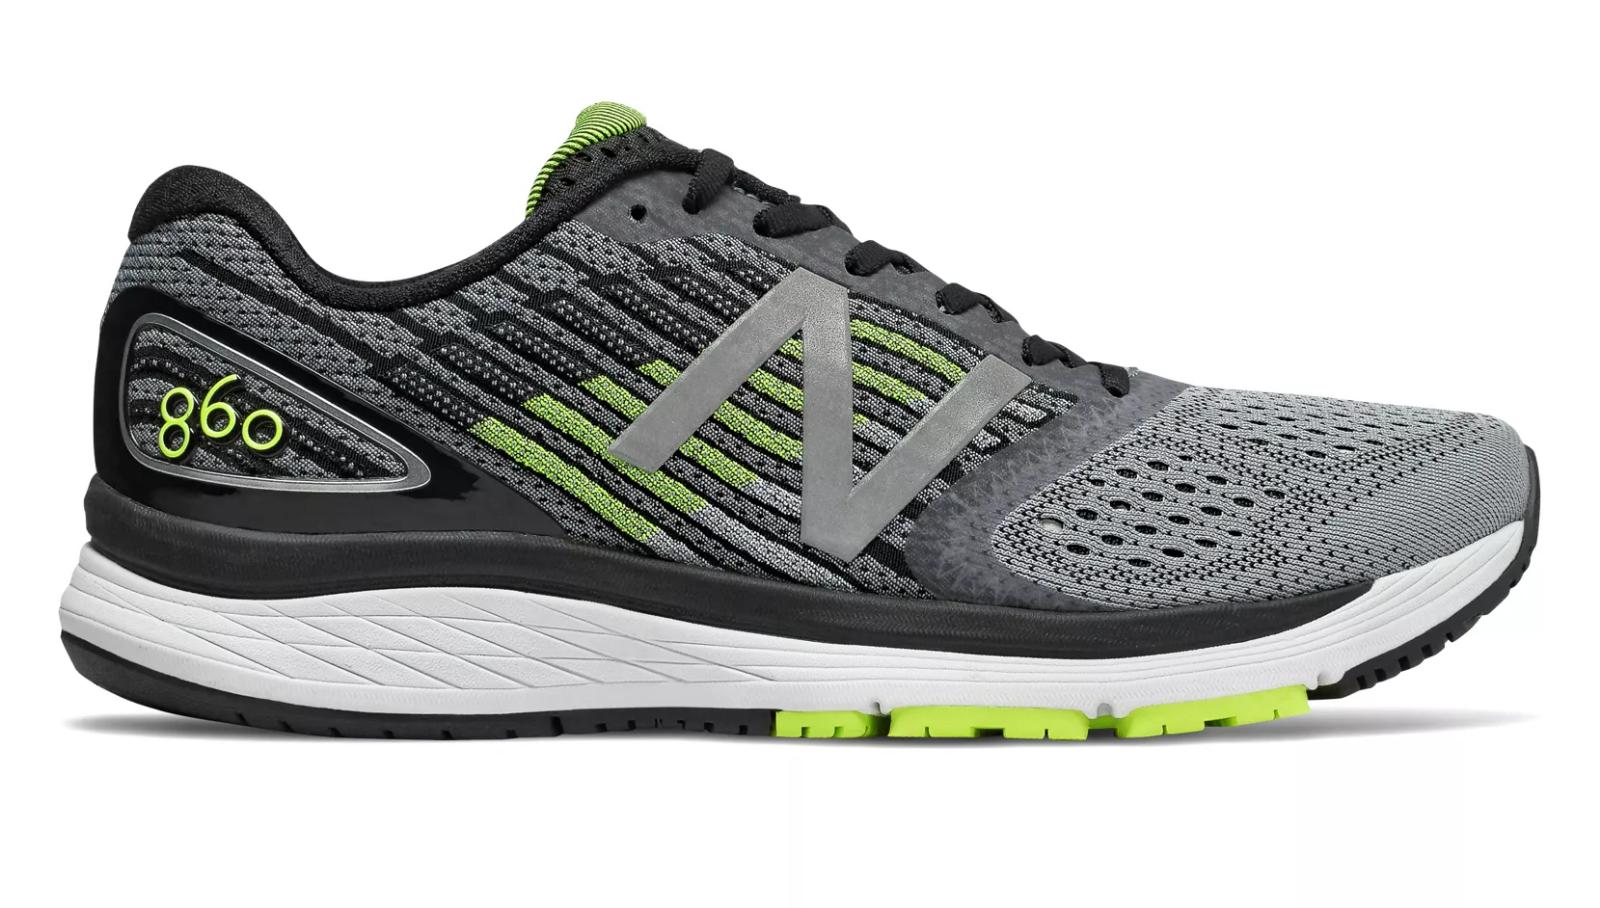 New Men's Balance M860GY9 Men's New 860v9 Steel/Hi-Lite/Black Stability Running Shoes 19ebe0